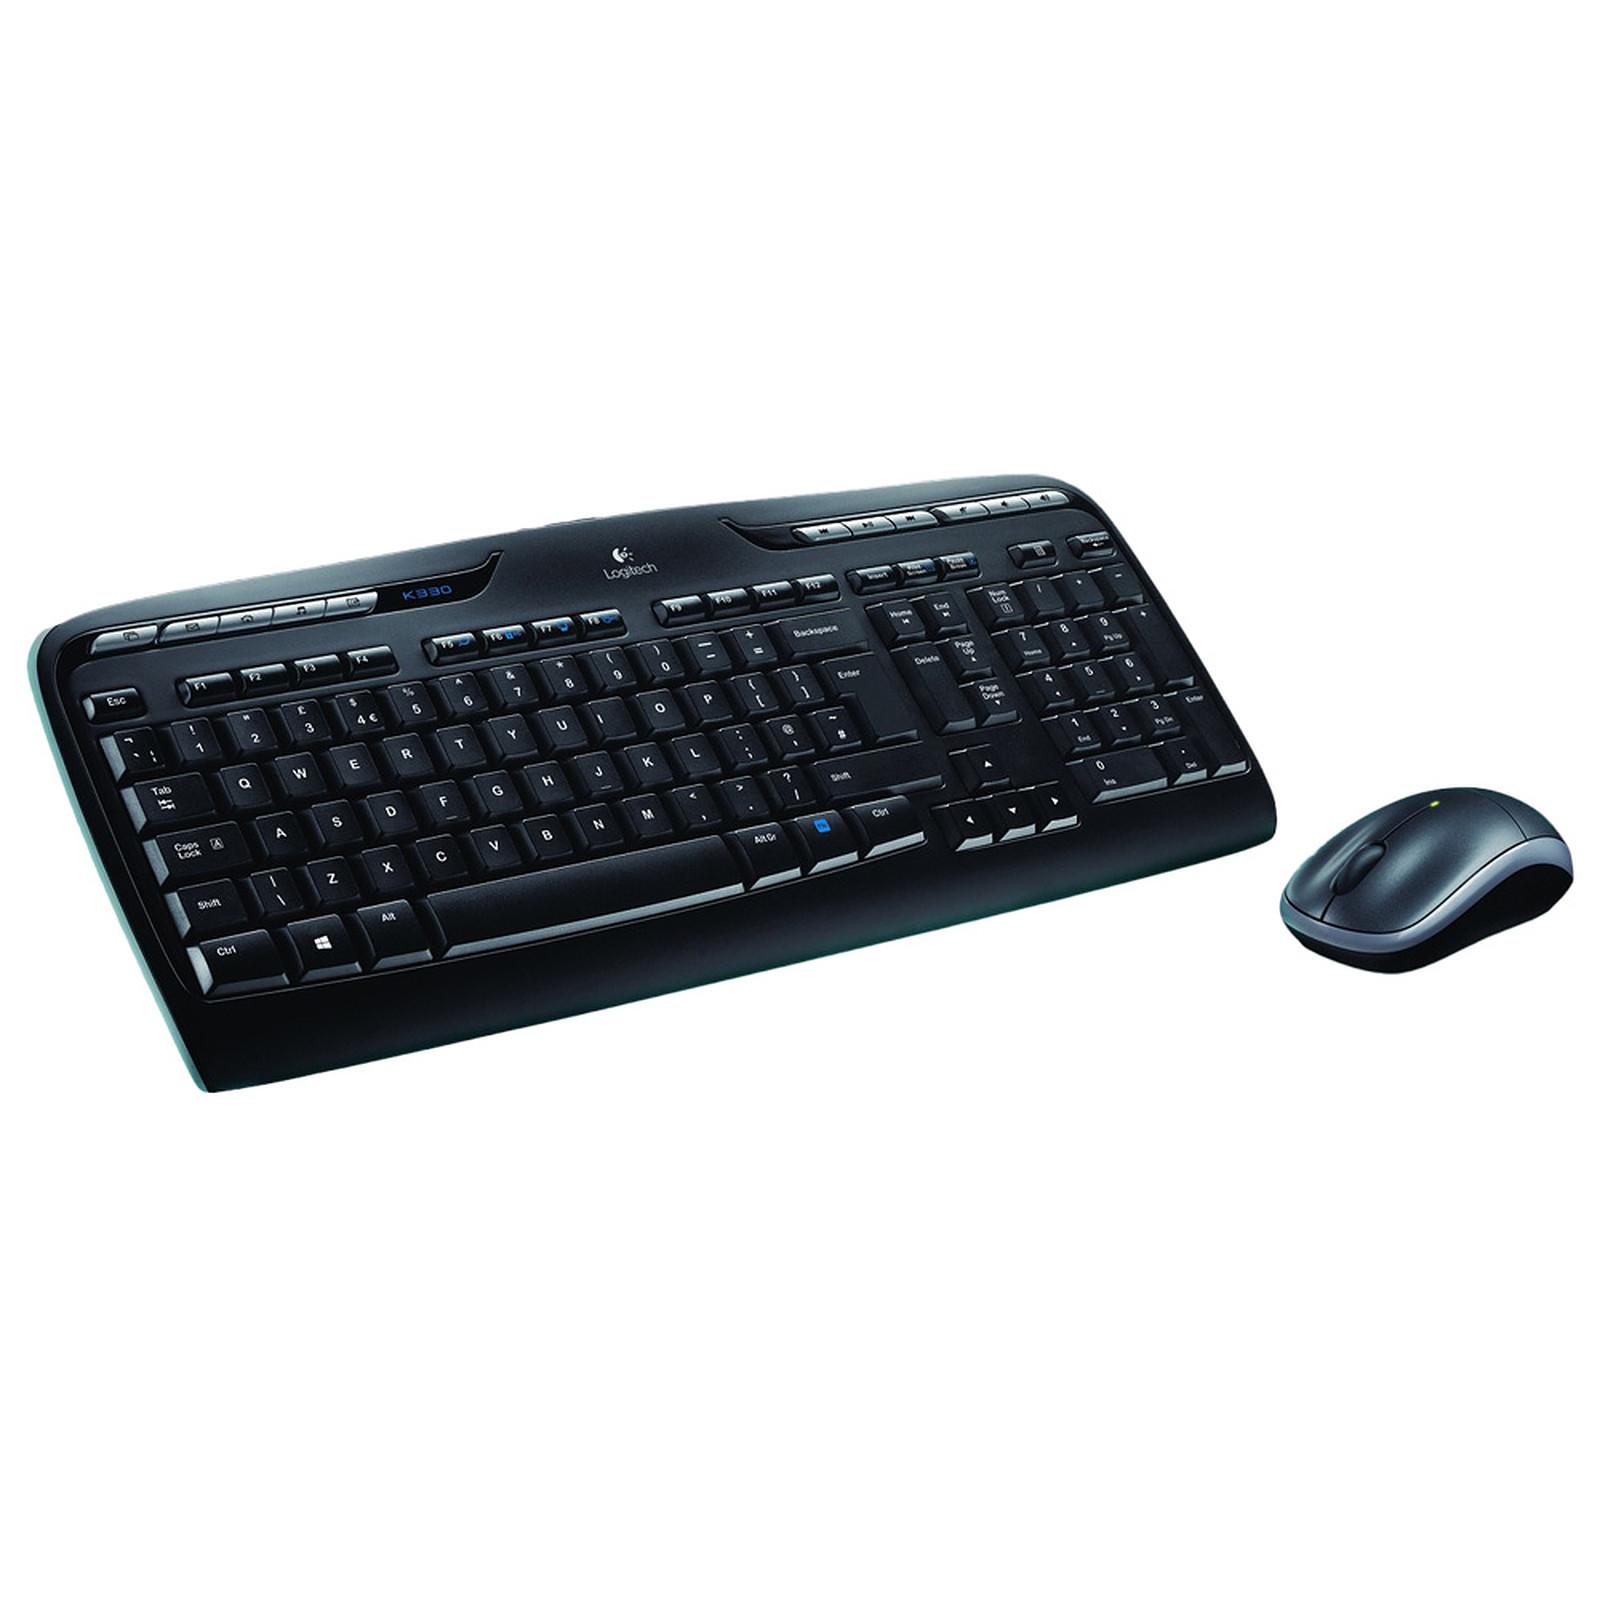 Logitech Wireless Desktop MK330